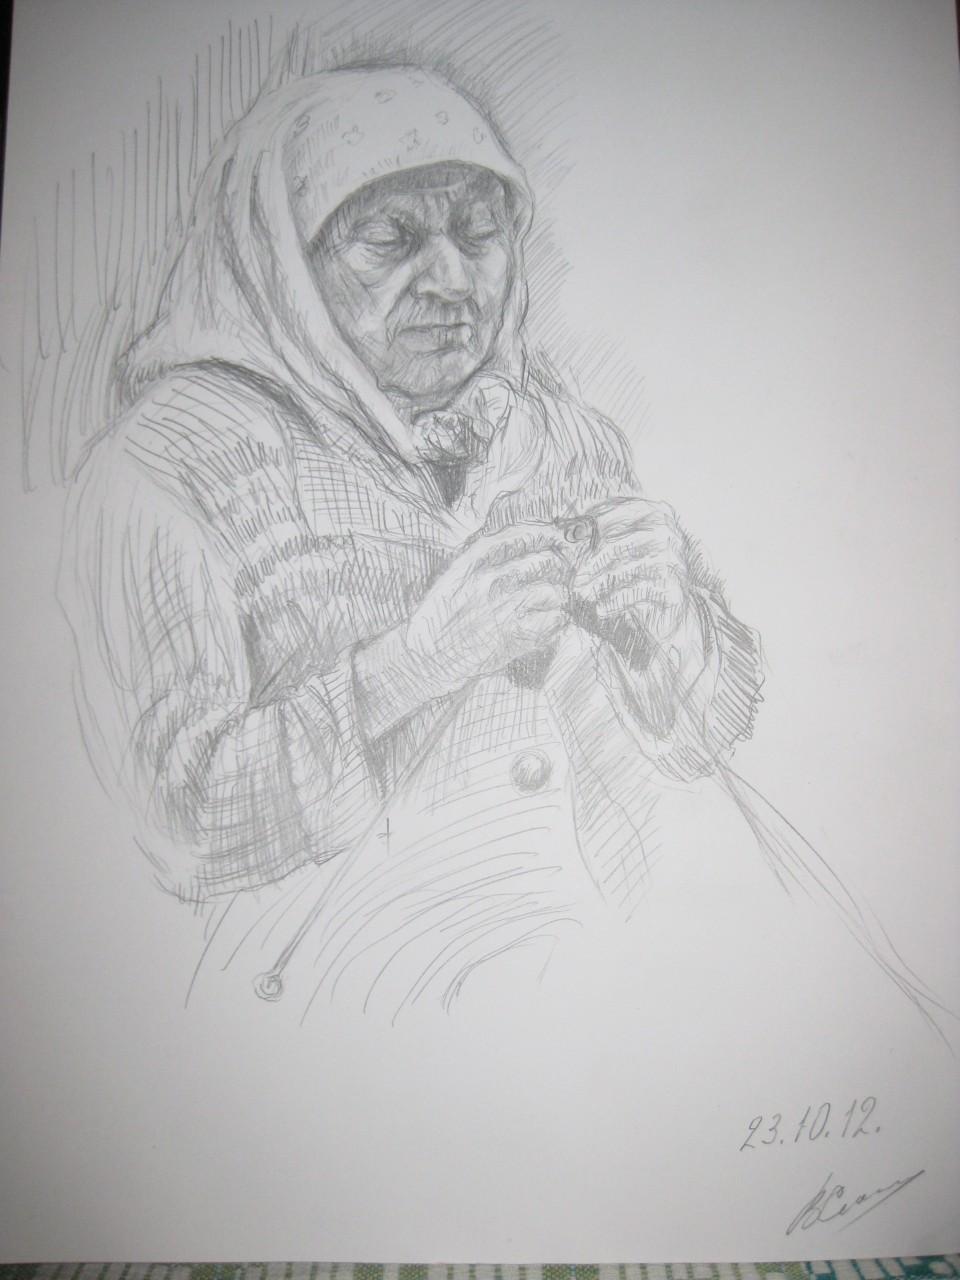 Слонимский  Владимир  Давидович (рисунки, пейзажи, портреты).  63года  , художник  самоучка.